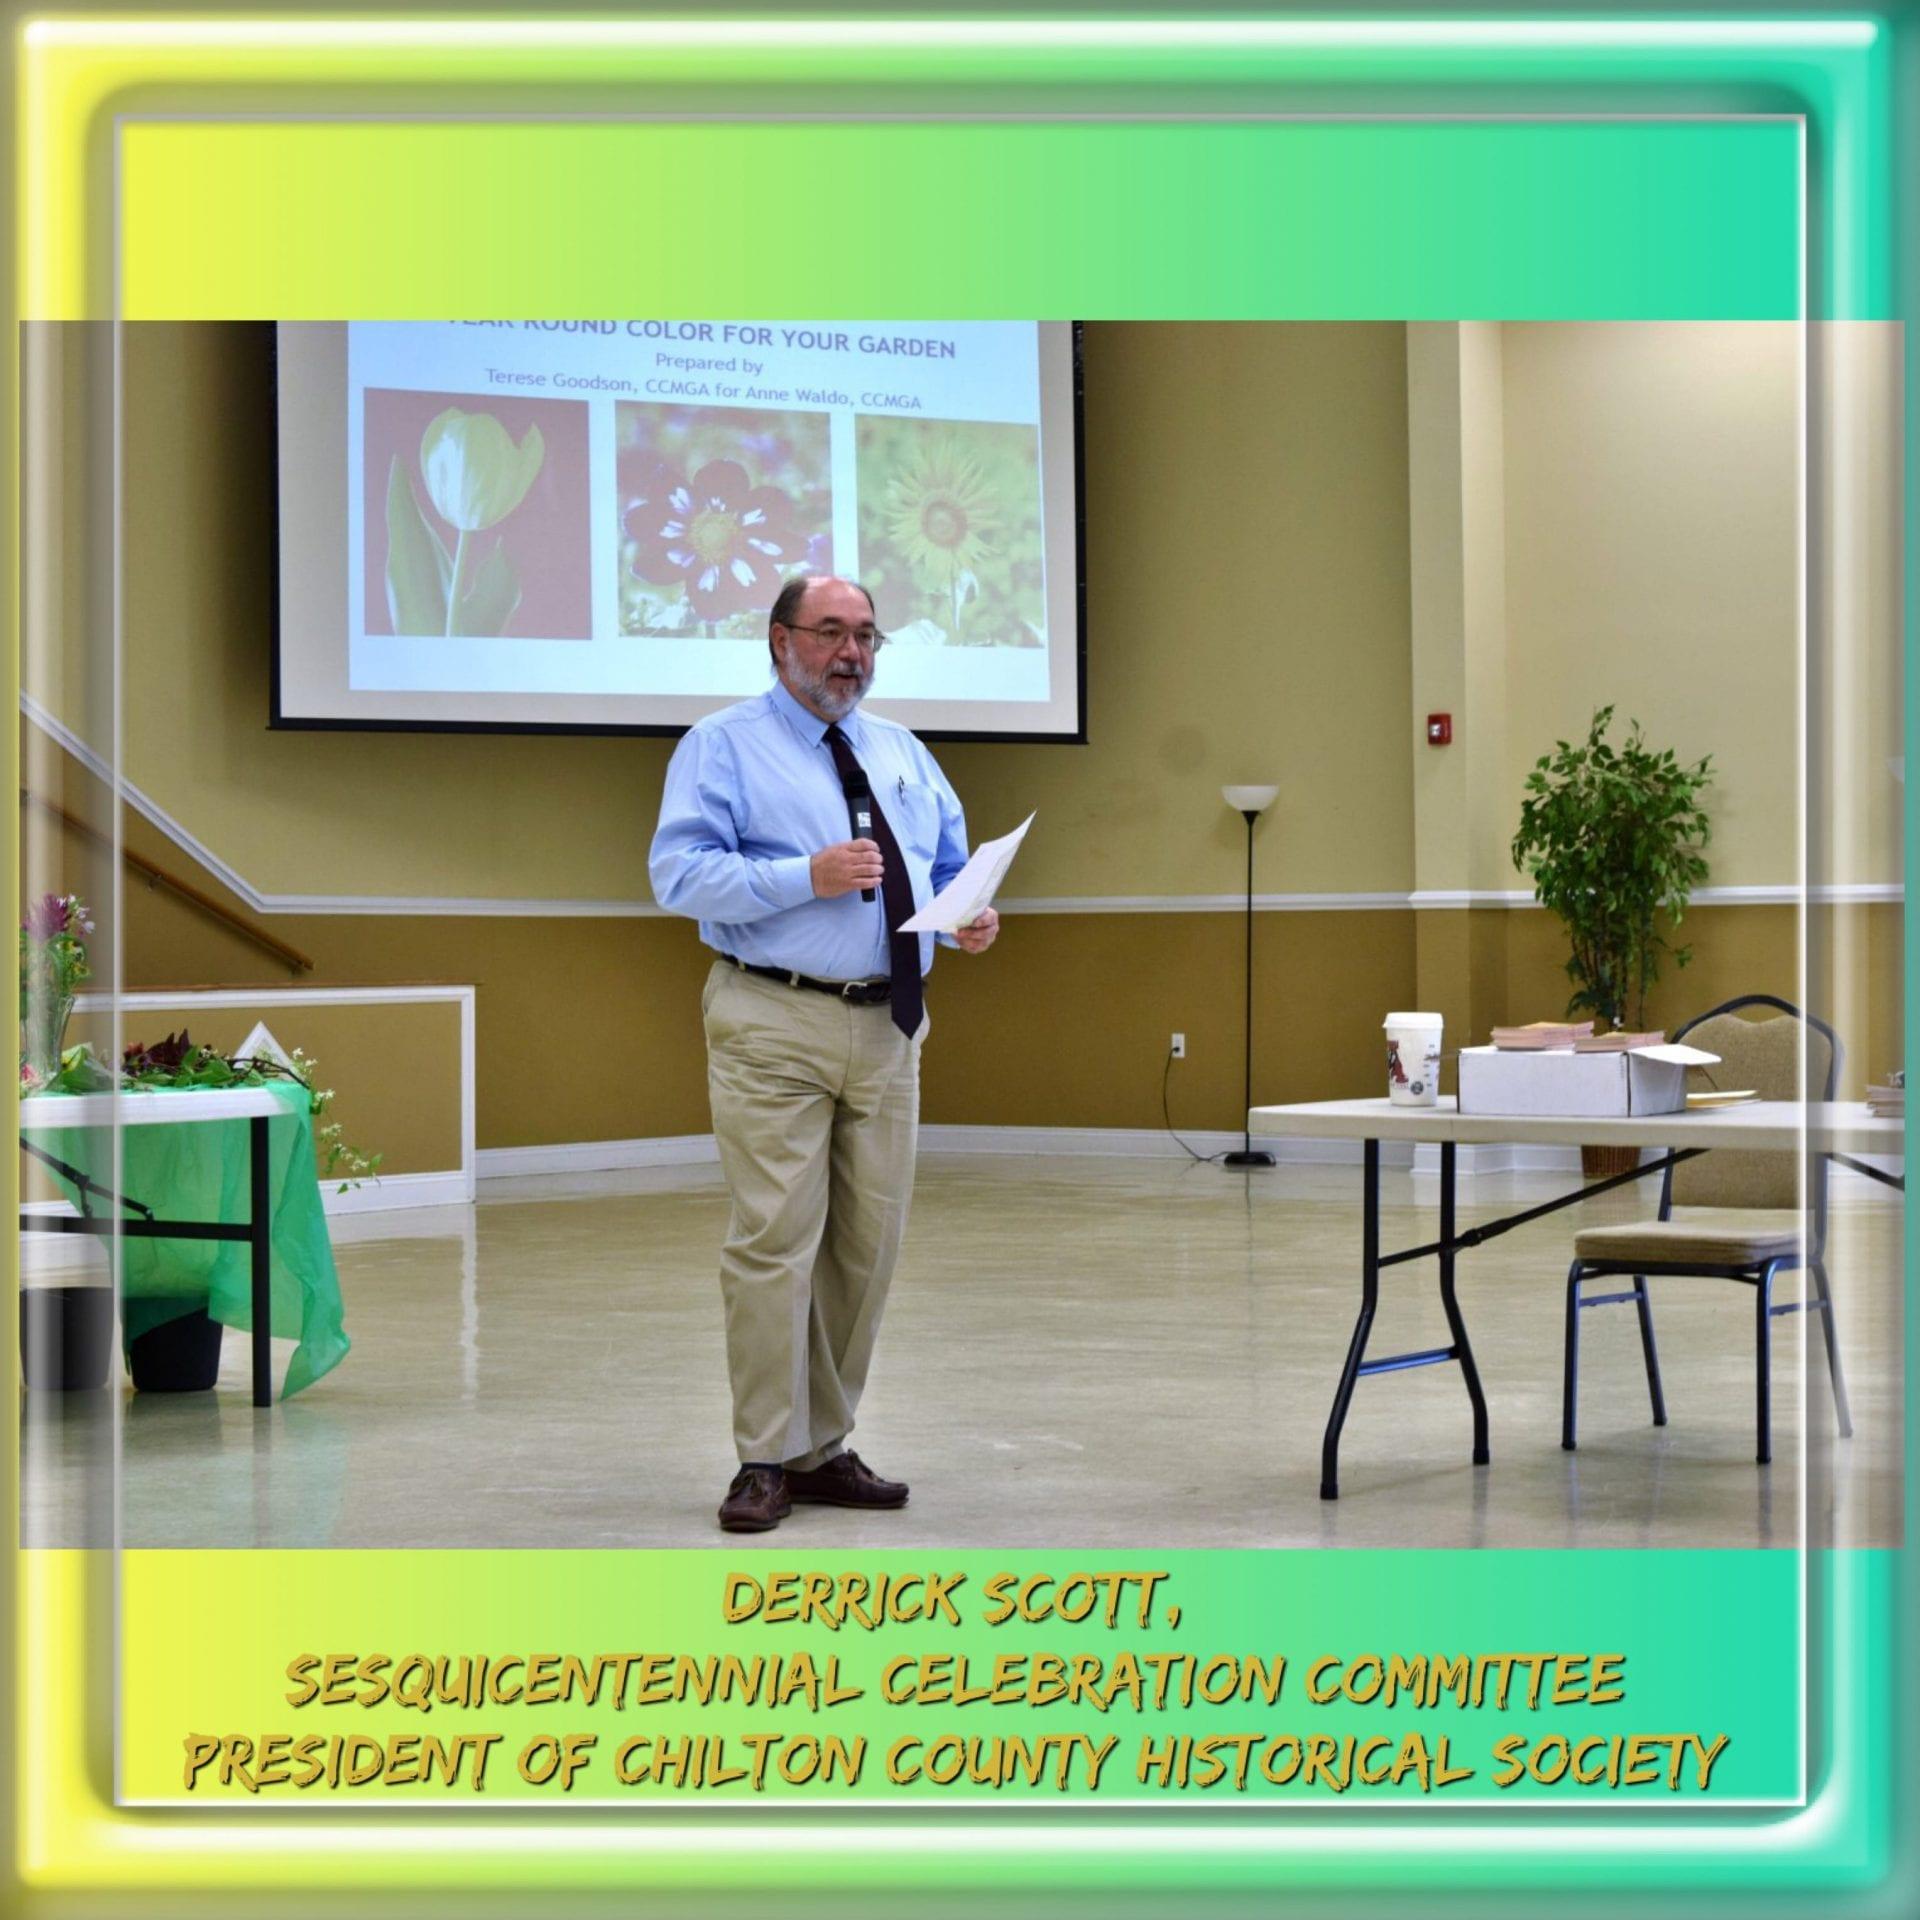 Speaker Derrick Scott